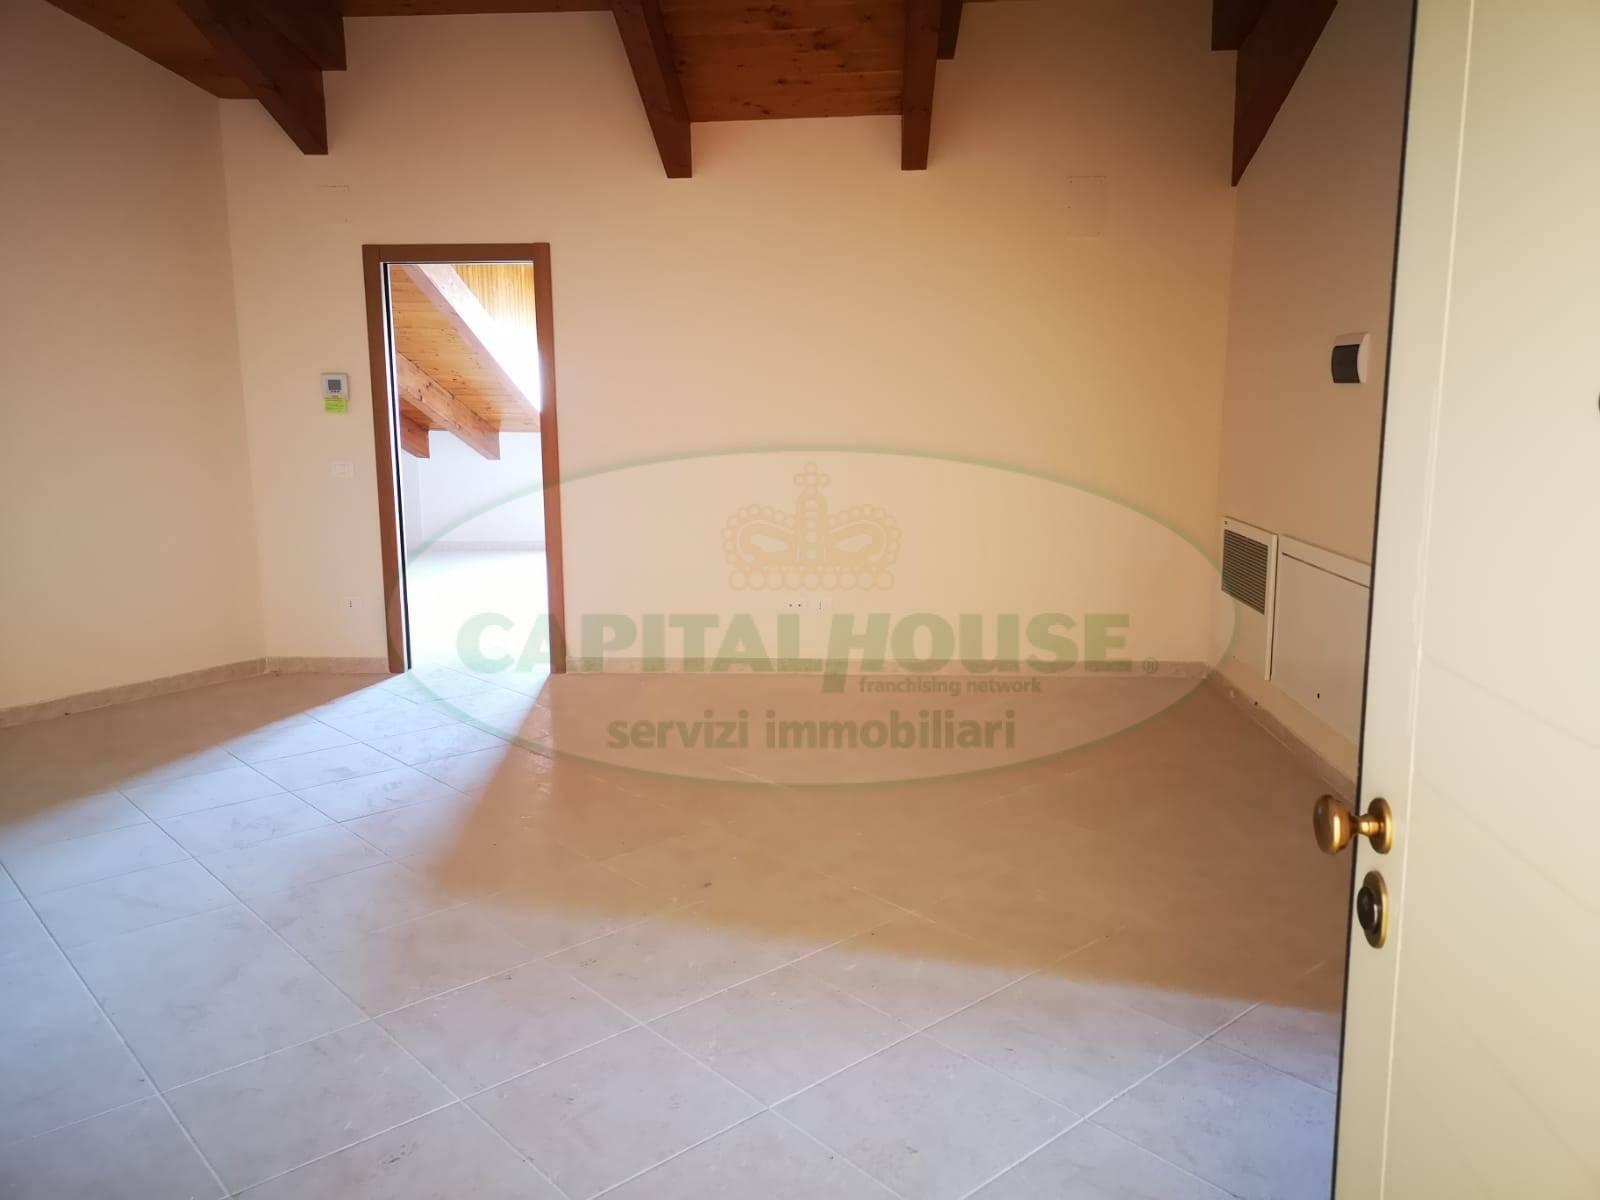 Appartamento in affitto a San Nicola la Strada, 3 locali, zona Località: ExS.Gobain, prezzo € 540 | CambioCasa.it